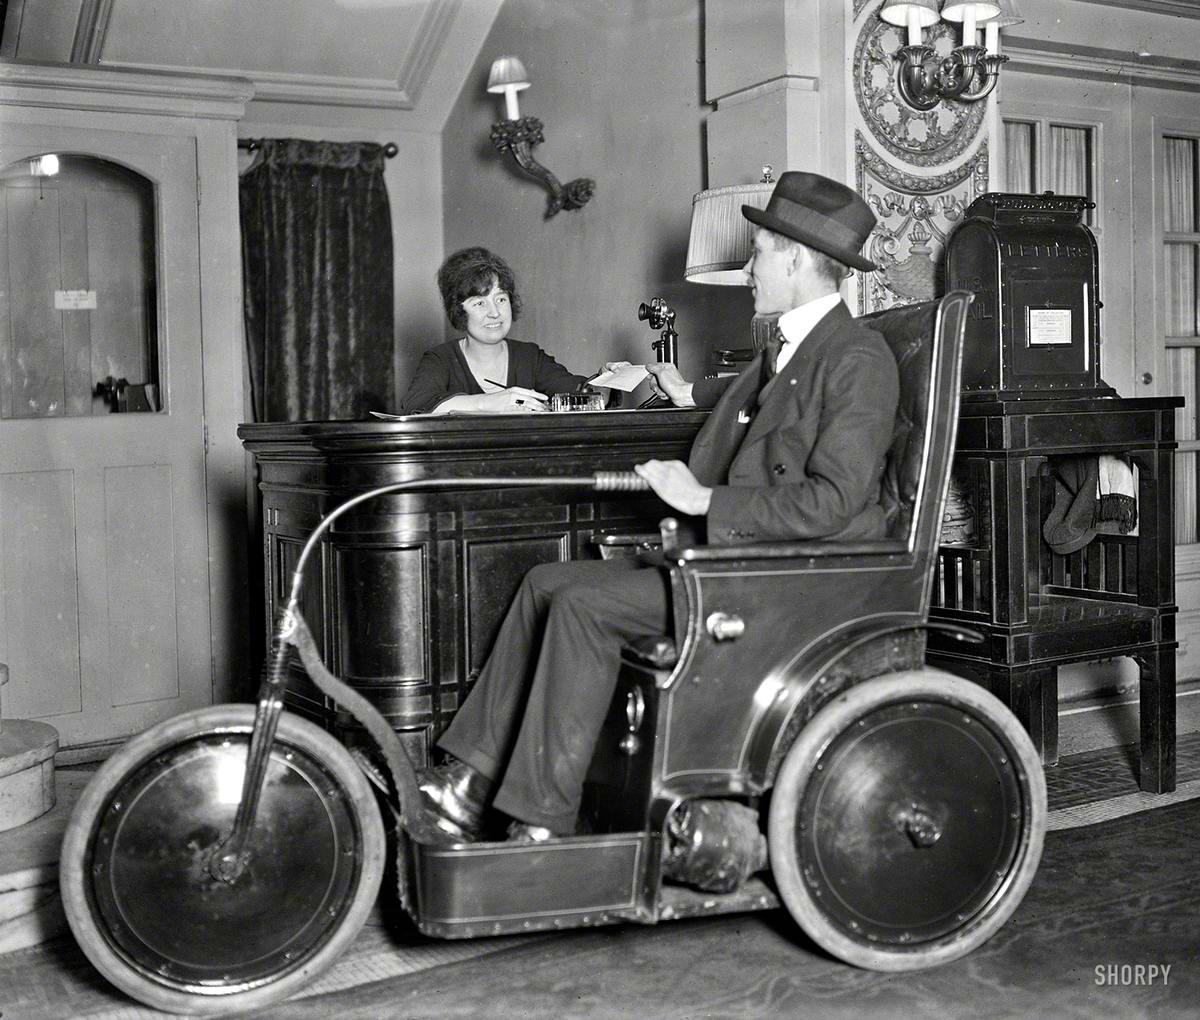 Мужчина в трехколесном транспортном средстве - электромобиле для состоятельных постояльцев престижных гостиниц для перемещений по их территории (Вашингтон, 1922 год)